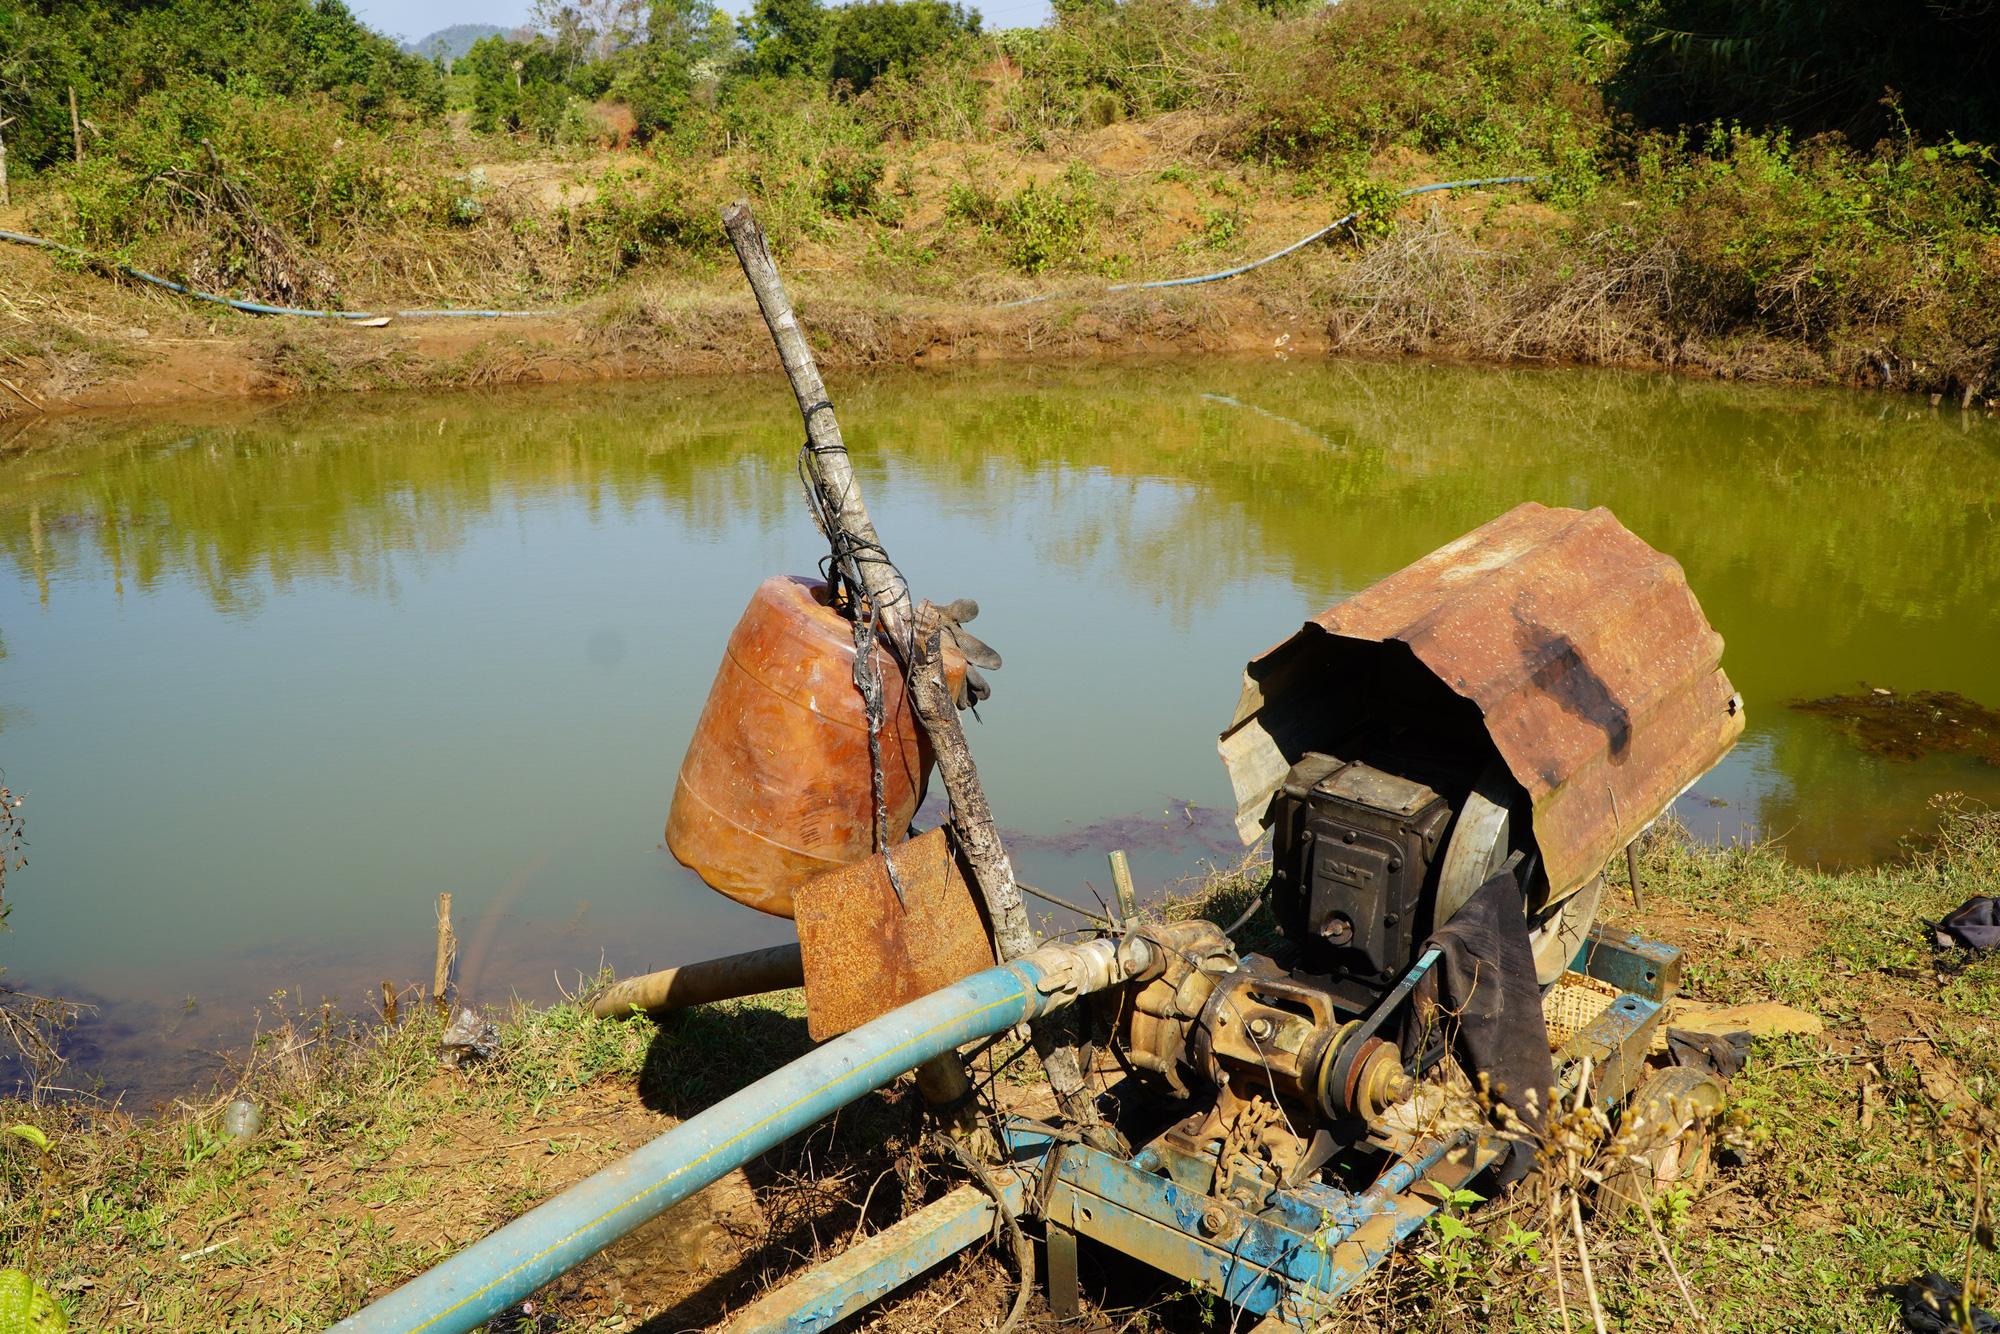 Nông dân Gia Lai hối hả đưa máy móc tưới cho cà phê sai quả - Ảnh 4.